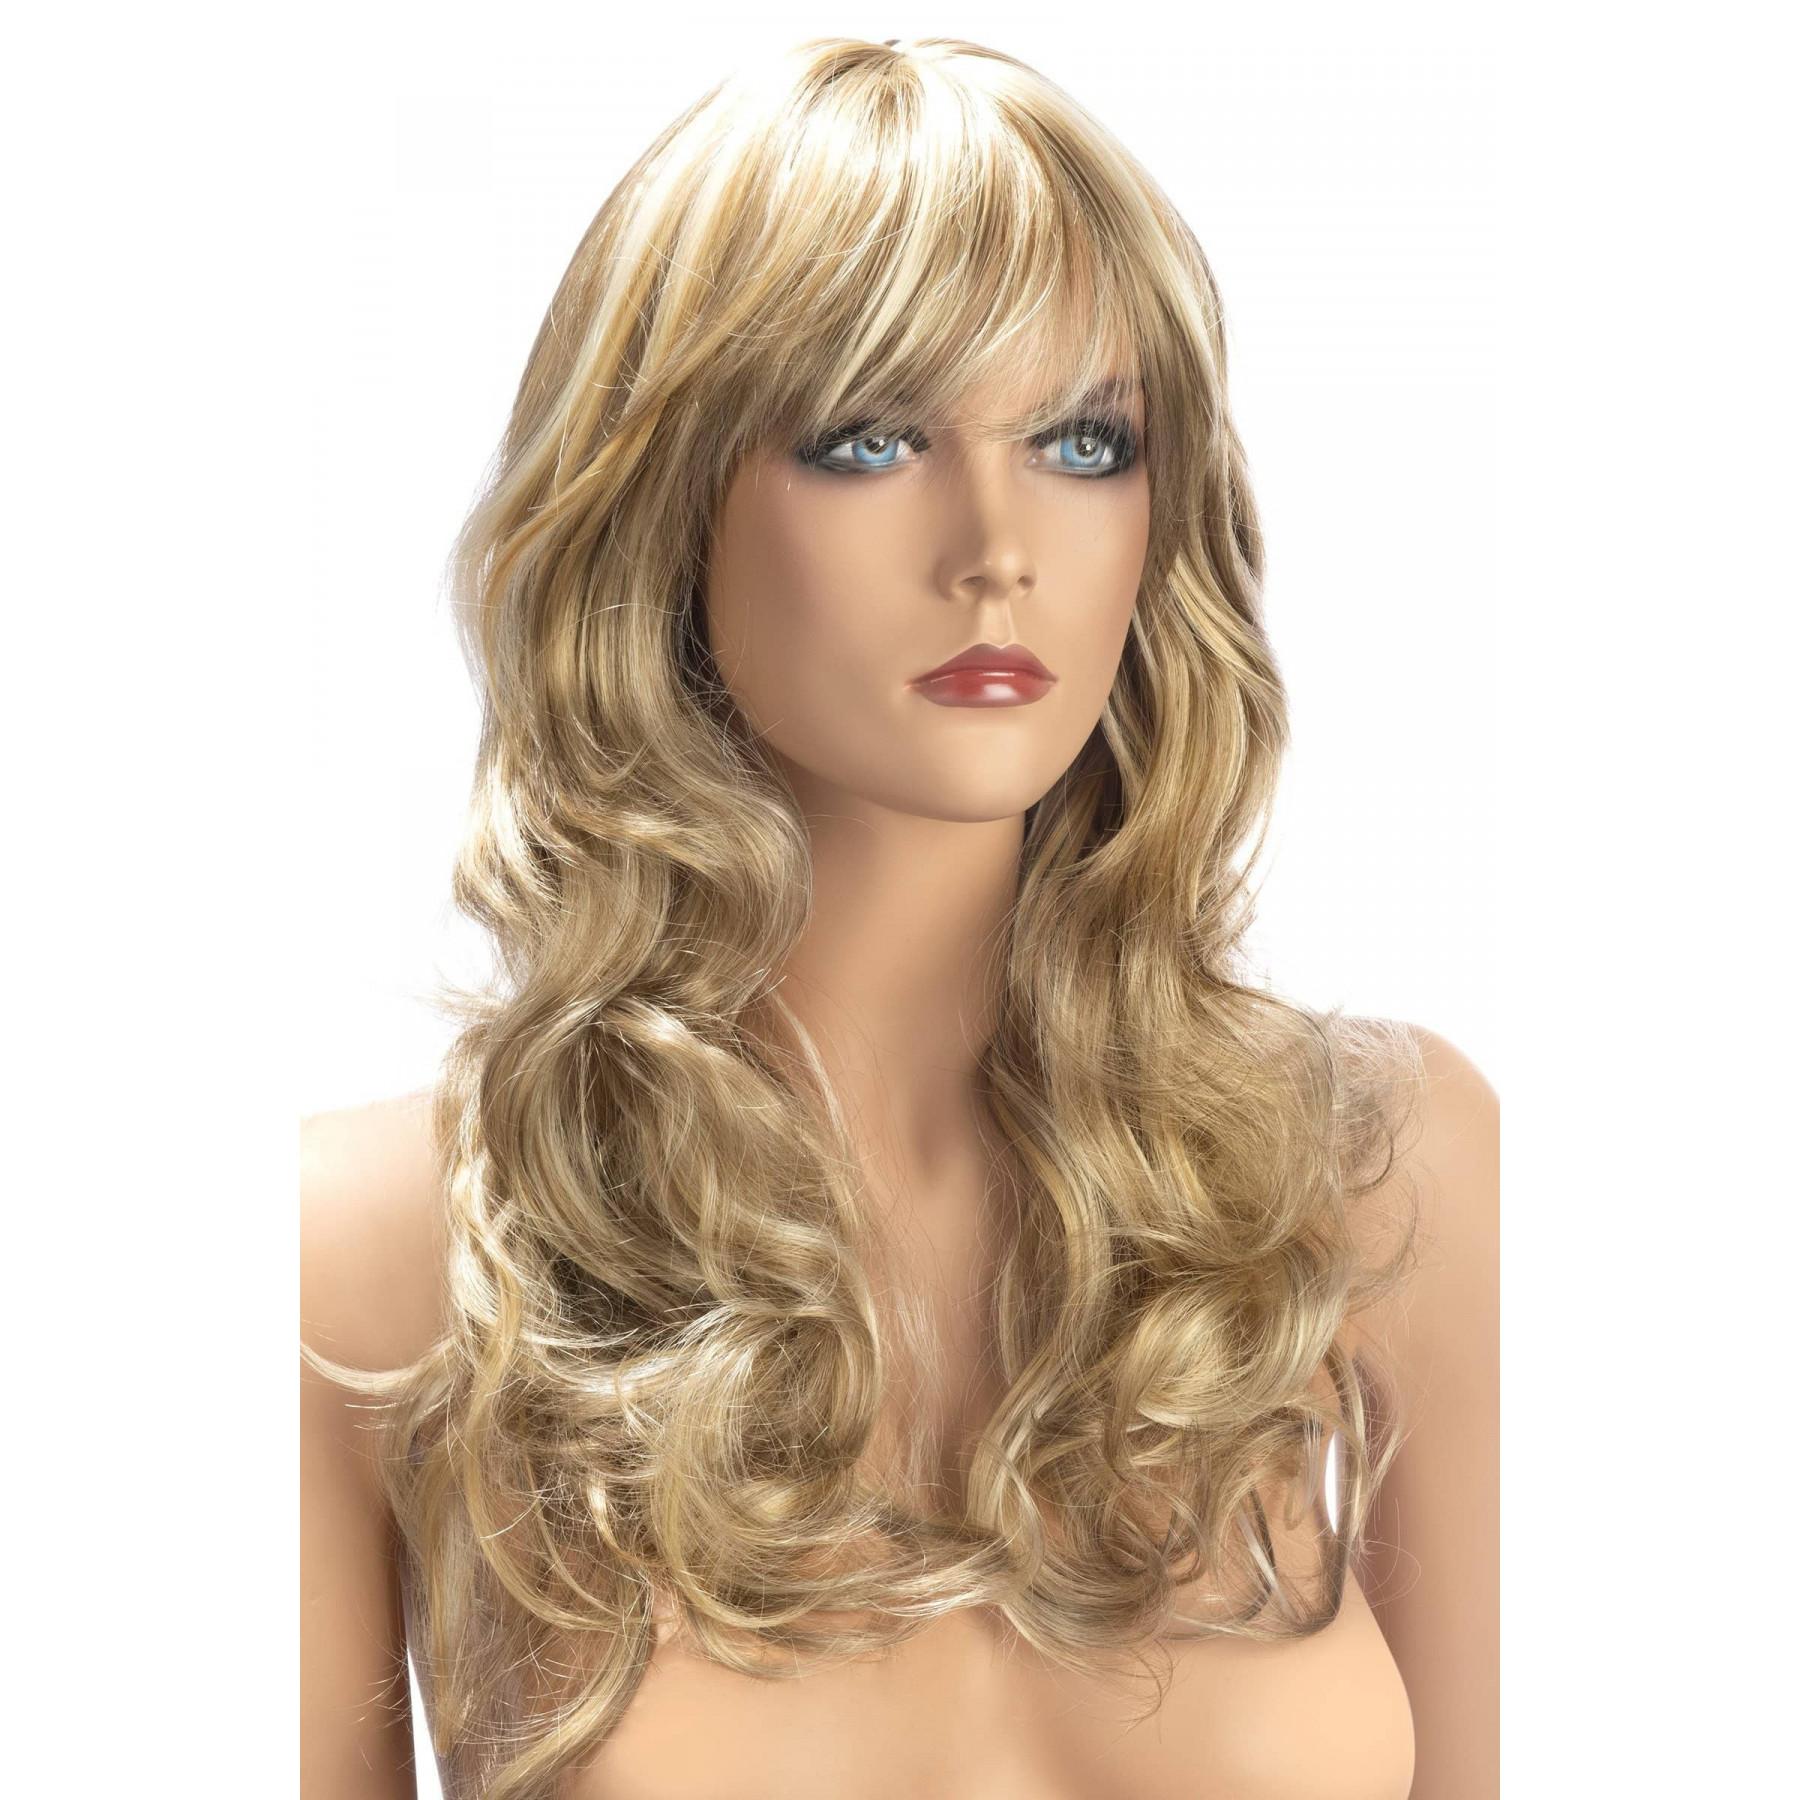 Parrucca bionda con capelli lunghi mossi con meches dorate